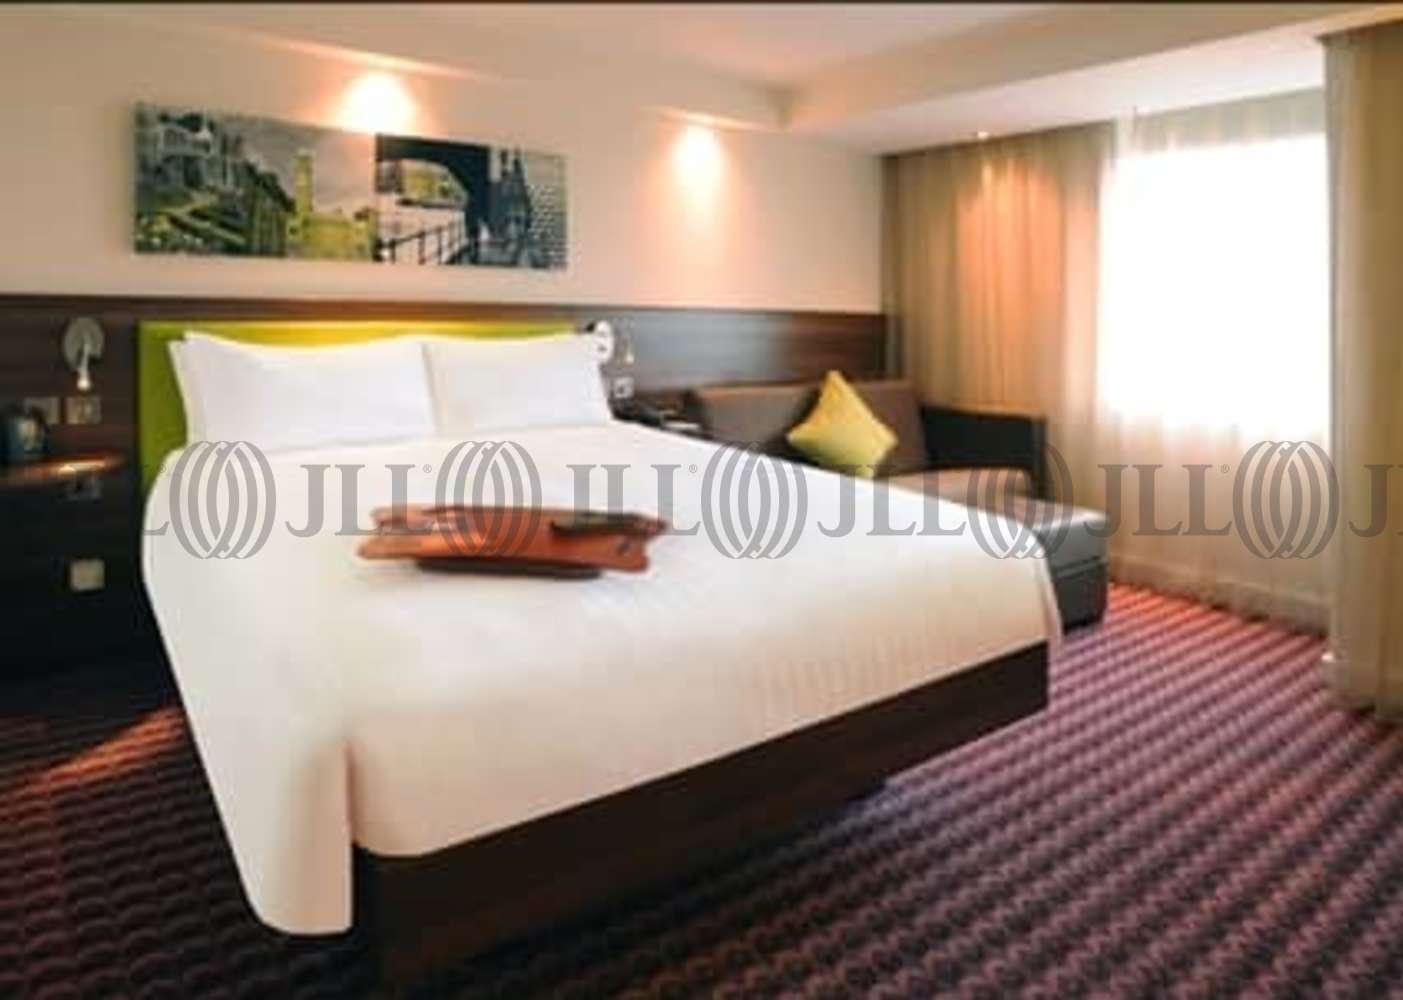 Hotel Birmingham, B15 1SU - Hampton by Hilton Birmingham Broad Street - 01